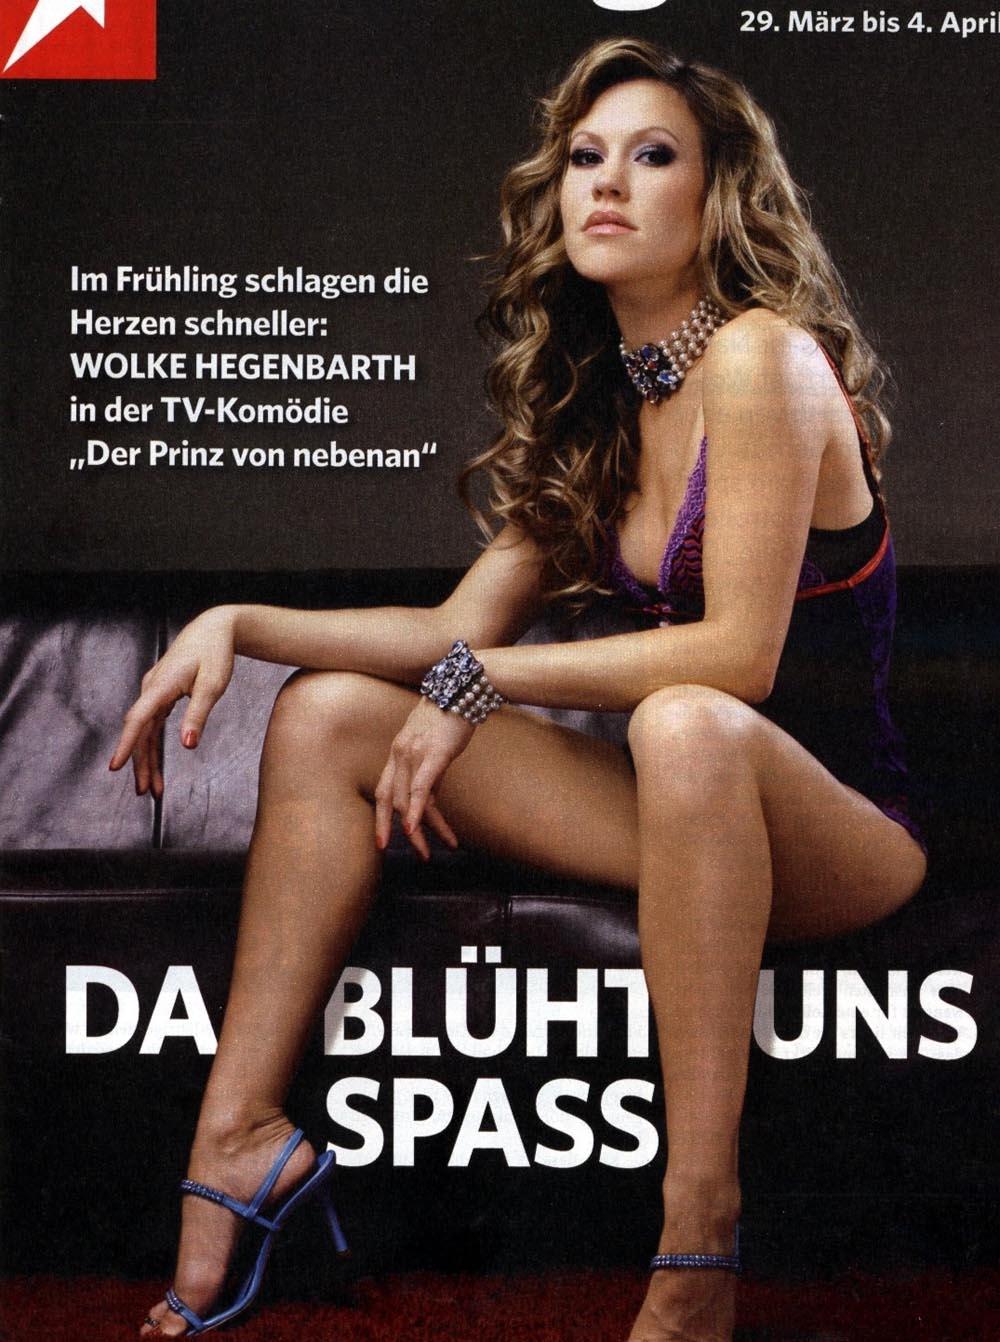 Schauspielerin wolke hegenbarth nackt